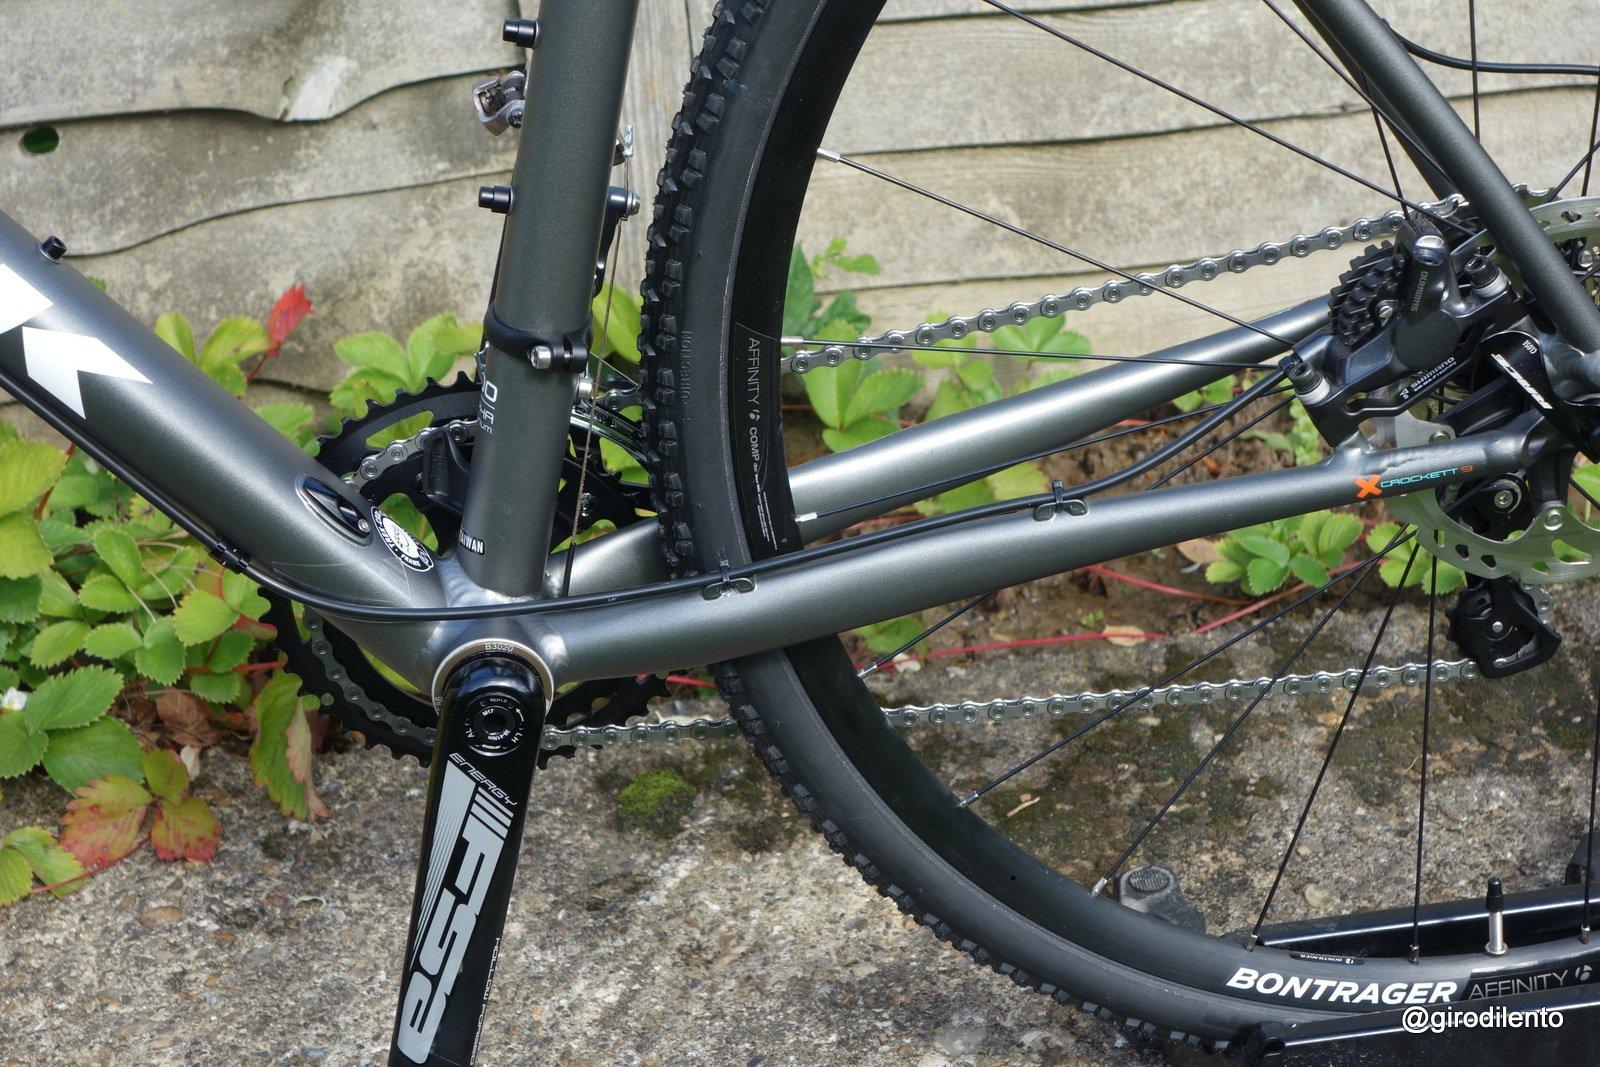 Trek Crockett 9 Cyclocross Bike First Ride Review